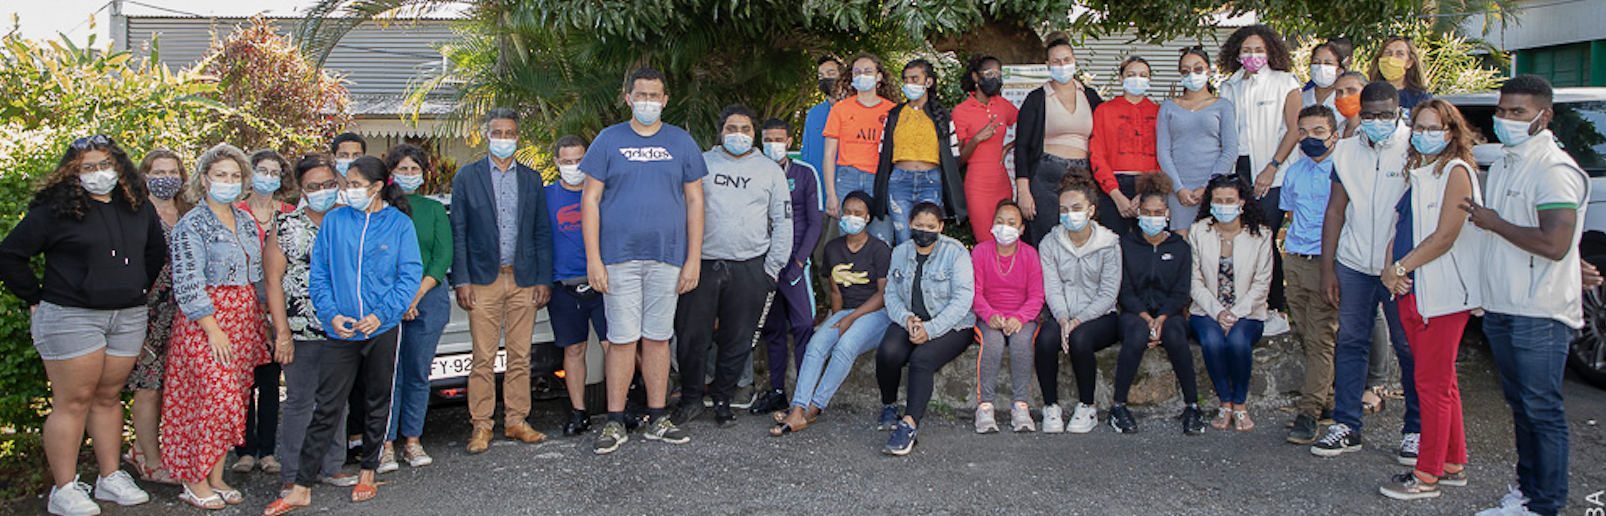 38 élèves ont participé aux 4 ateliers au Tampon (photo Bruno Bamab/Com CD)